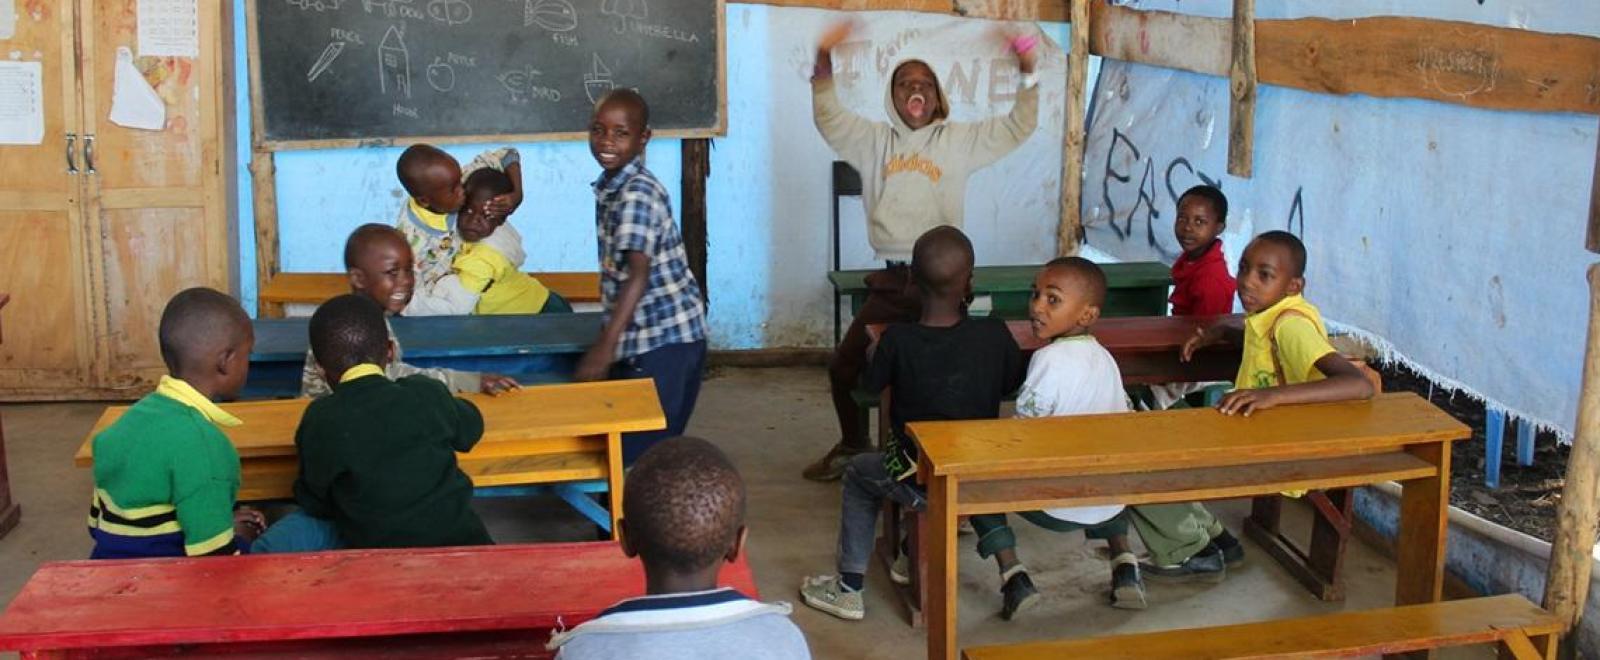 Frivilliges beretninger: Børnepasning i Tanzania af Laura S